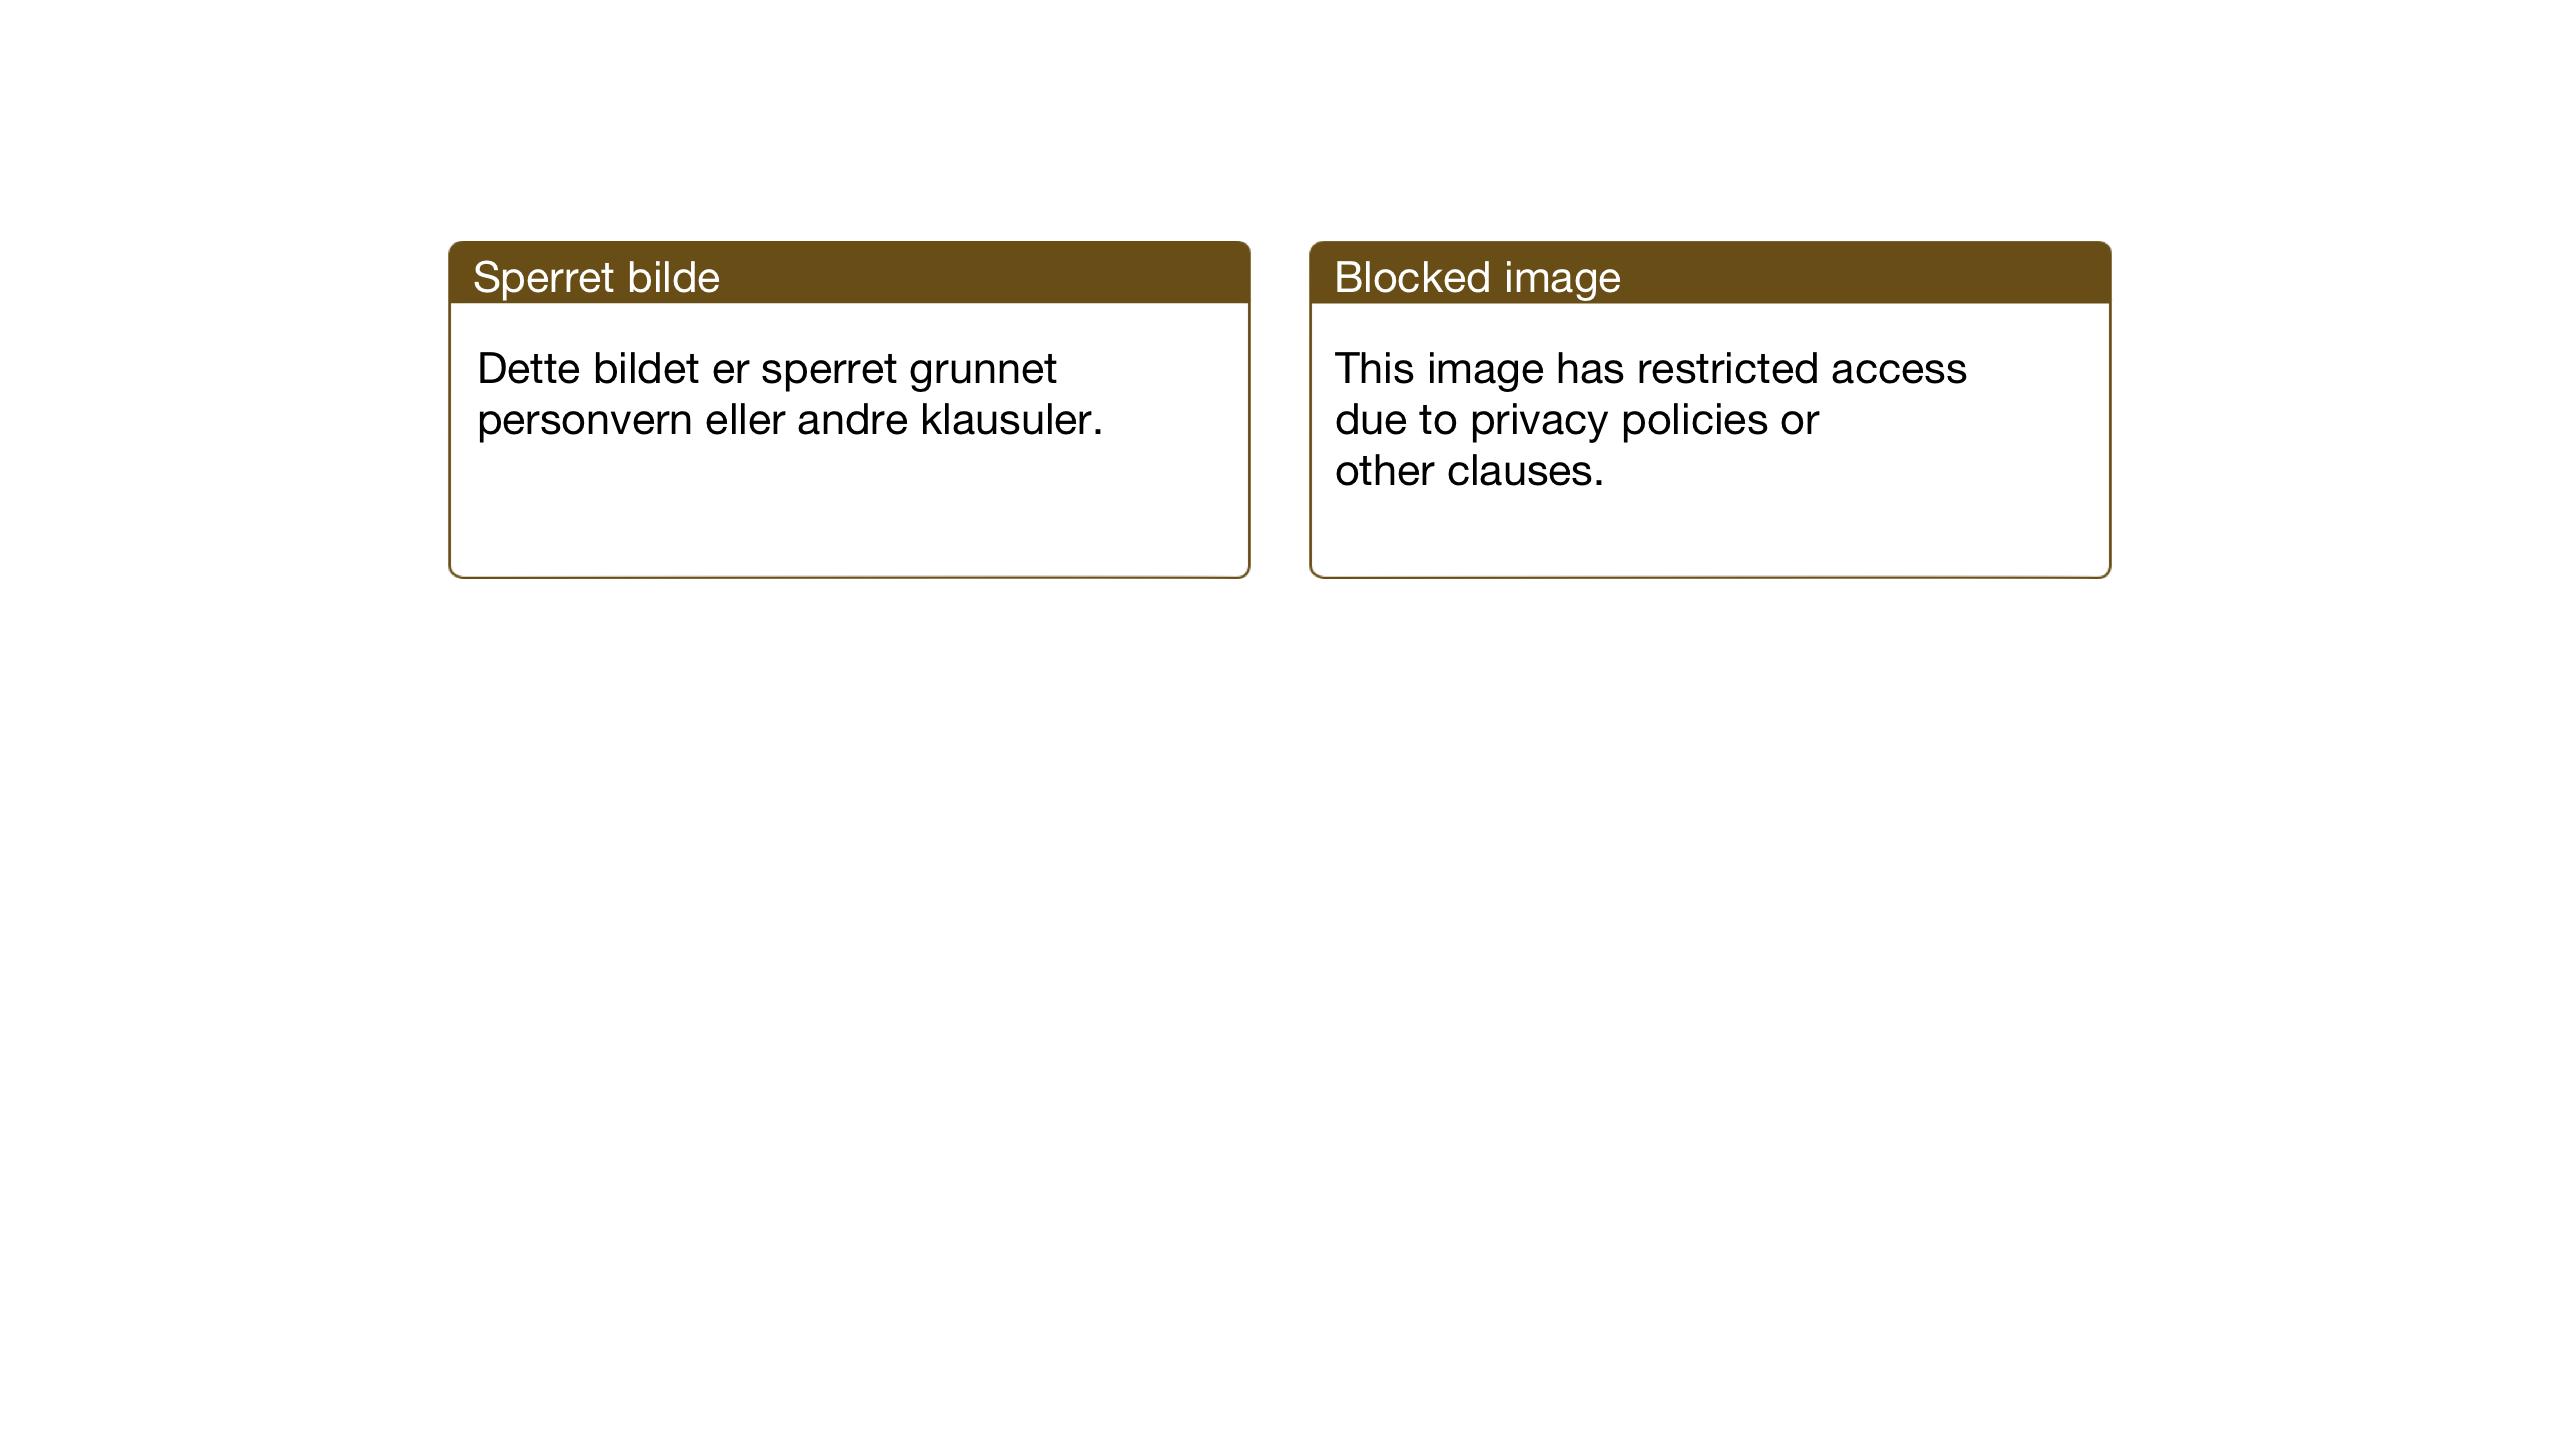 SAT, Ministerialprotokoller, klokkerbøker og fødselsregistre - Nord-Trøndelag, 766/L0564: Ministerialbok nr. 767A02, 1900-1932, s. 66